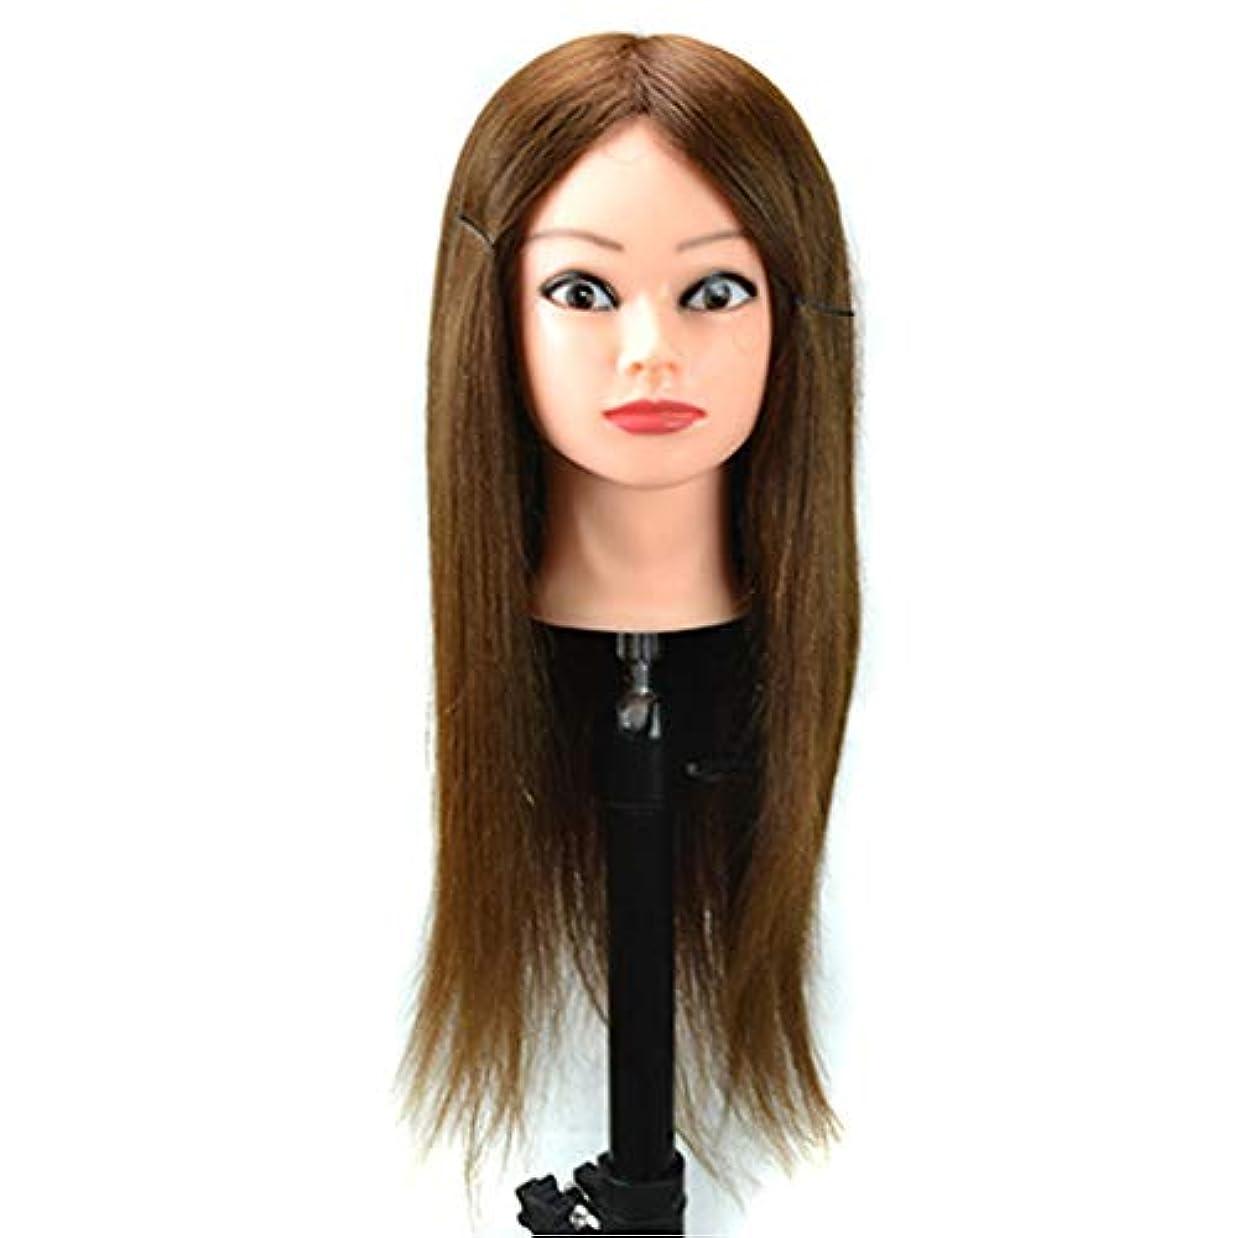 キモい不従順新聞完全な毛は小さいブラケットが付いている熱いロールマネキンの頭部のヘアーサロンのトリミングの頭部の花嫁の形の毛の訓練の頭部である場合もあります,Brown